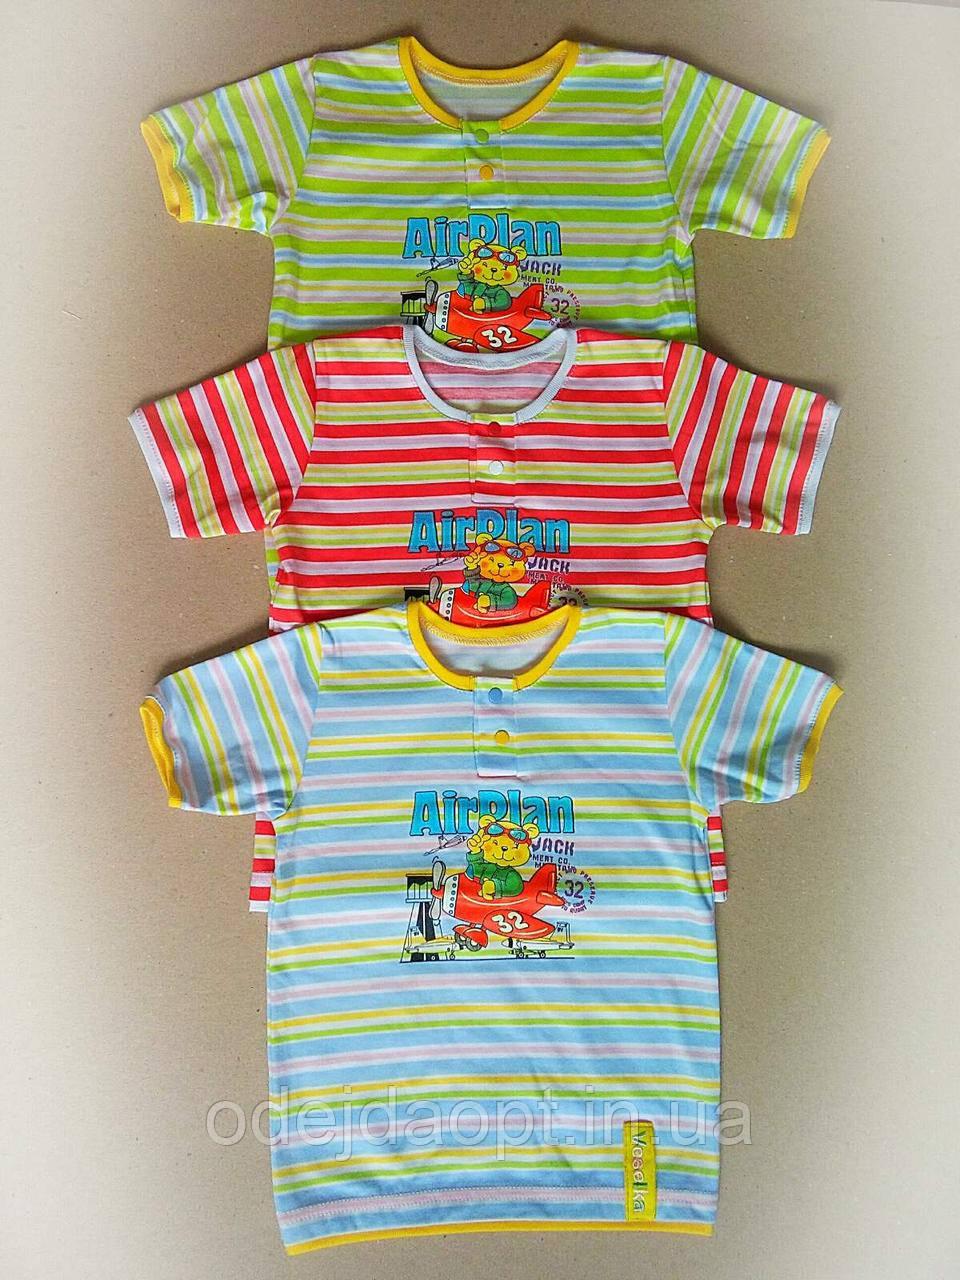 Детская футболка для мальчика с накатом 6,7,8,9,10,11,12,13 месяцев 1,2 ,3 года